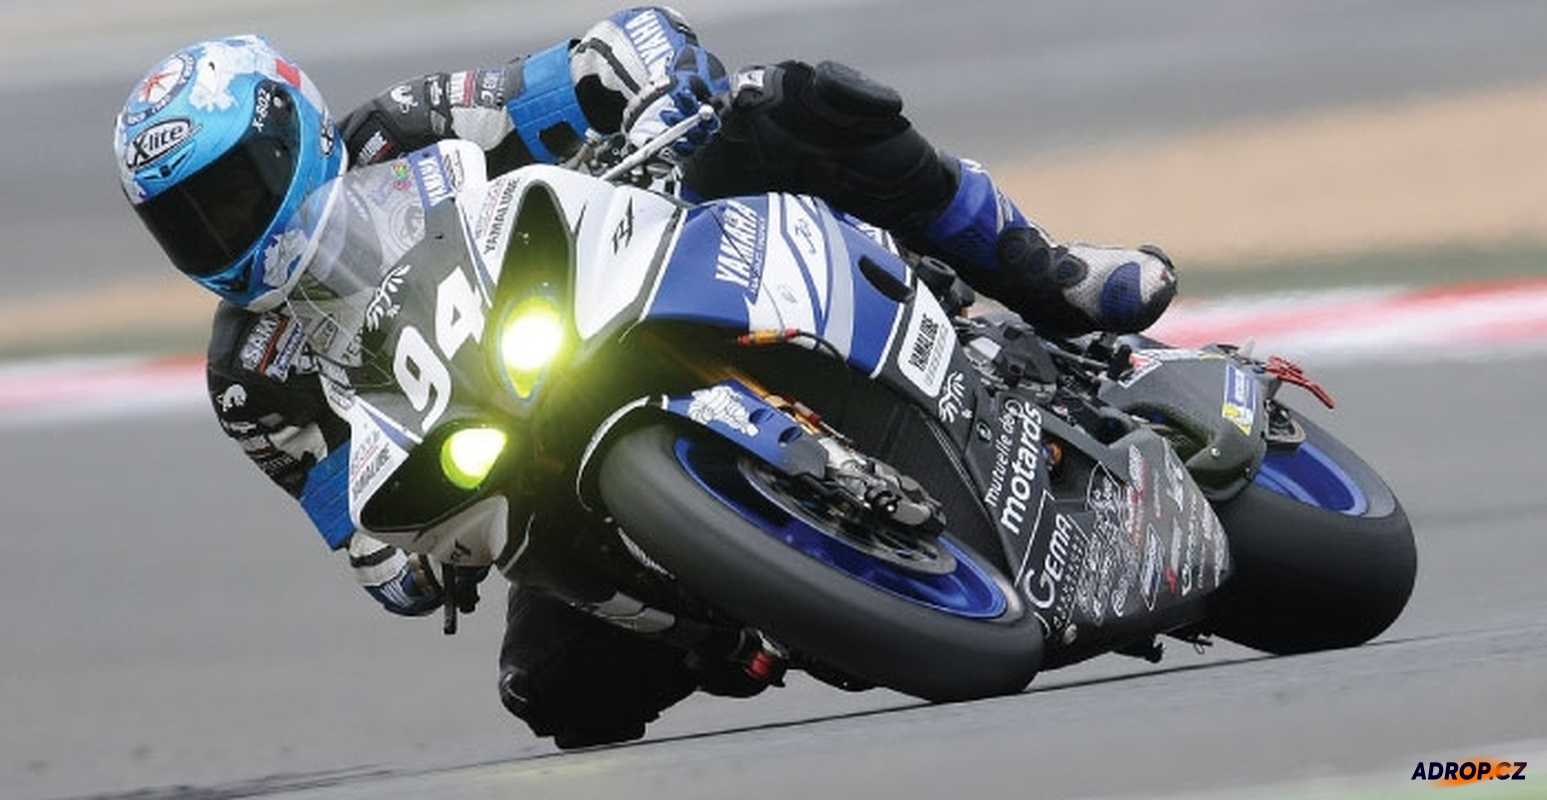 Jízda na závodní motorce